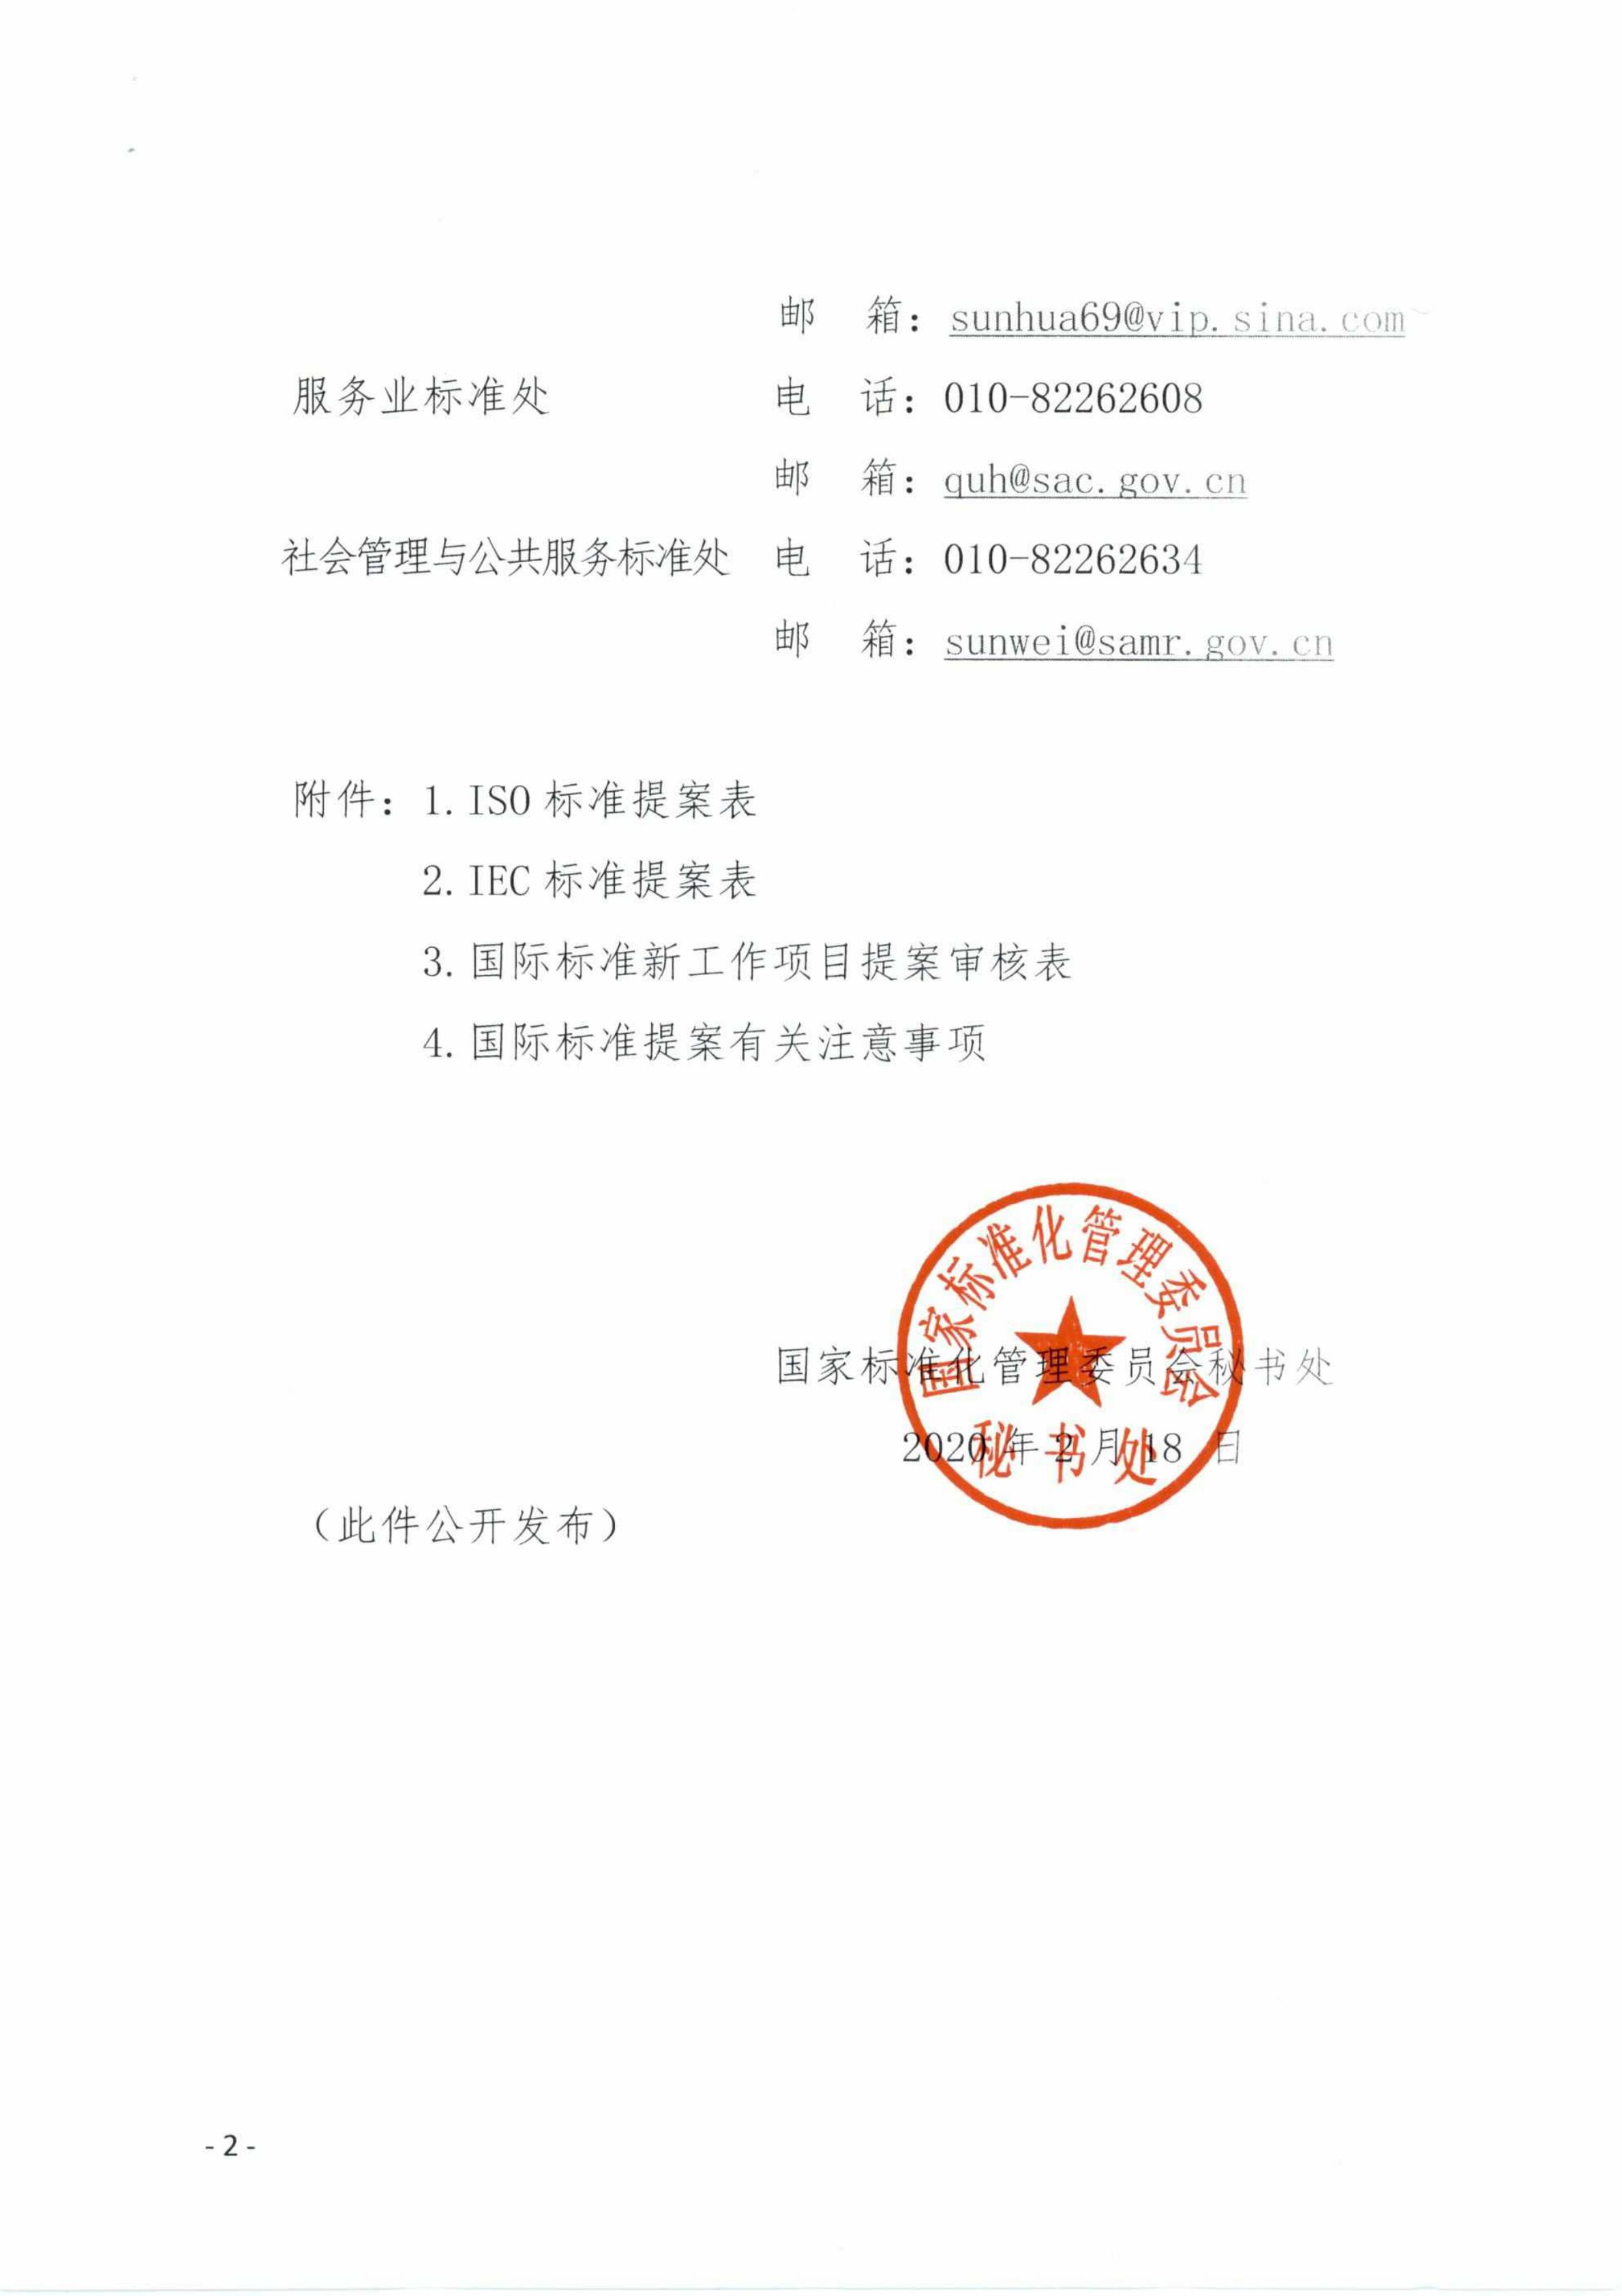 国家标准化管理委员会秘书处关于公开征集新冠肺炎疫情防控相关国际标准提案的通知_01